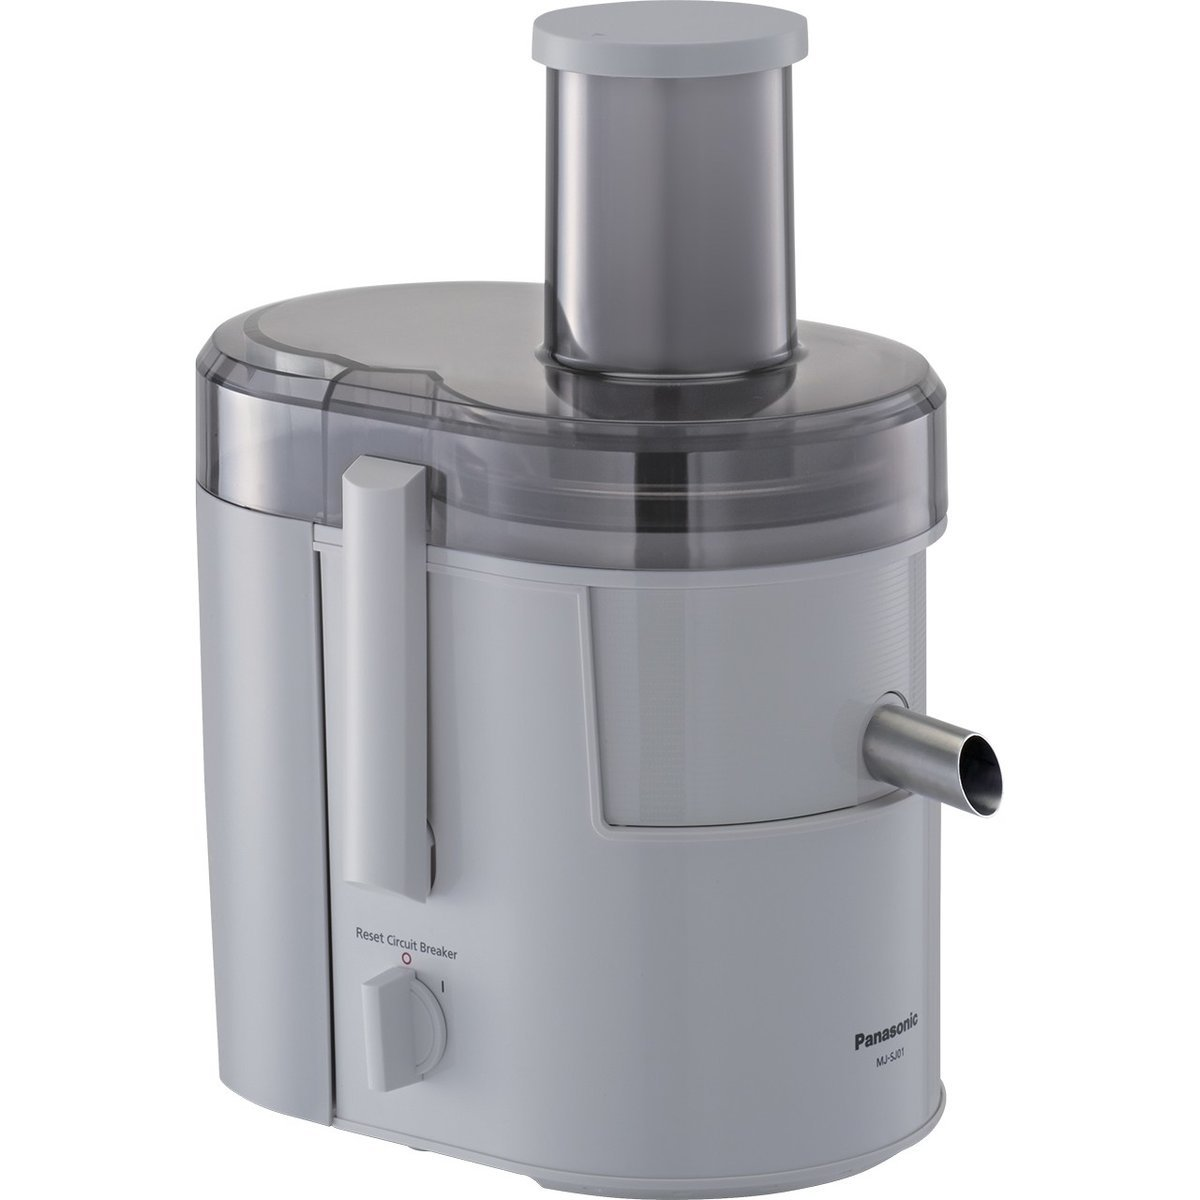 Panasonic MJSJ01 Juicer